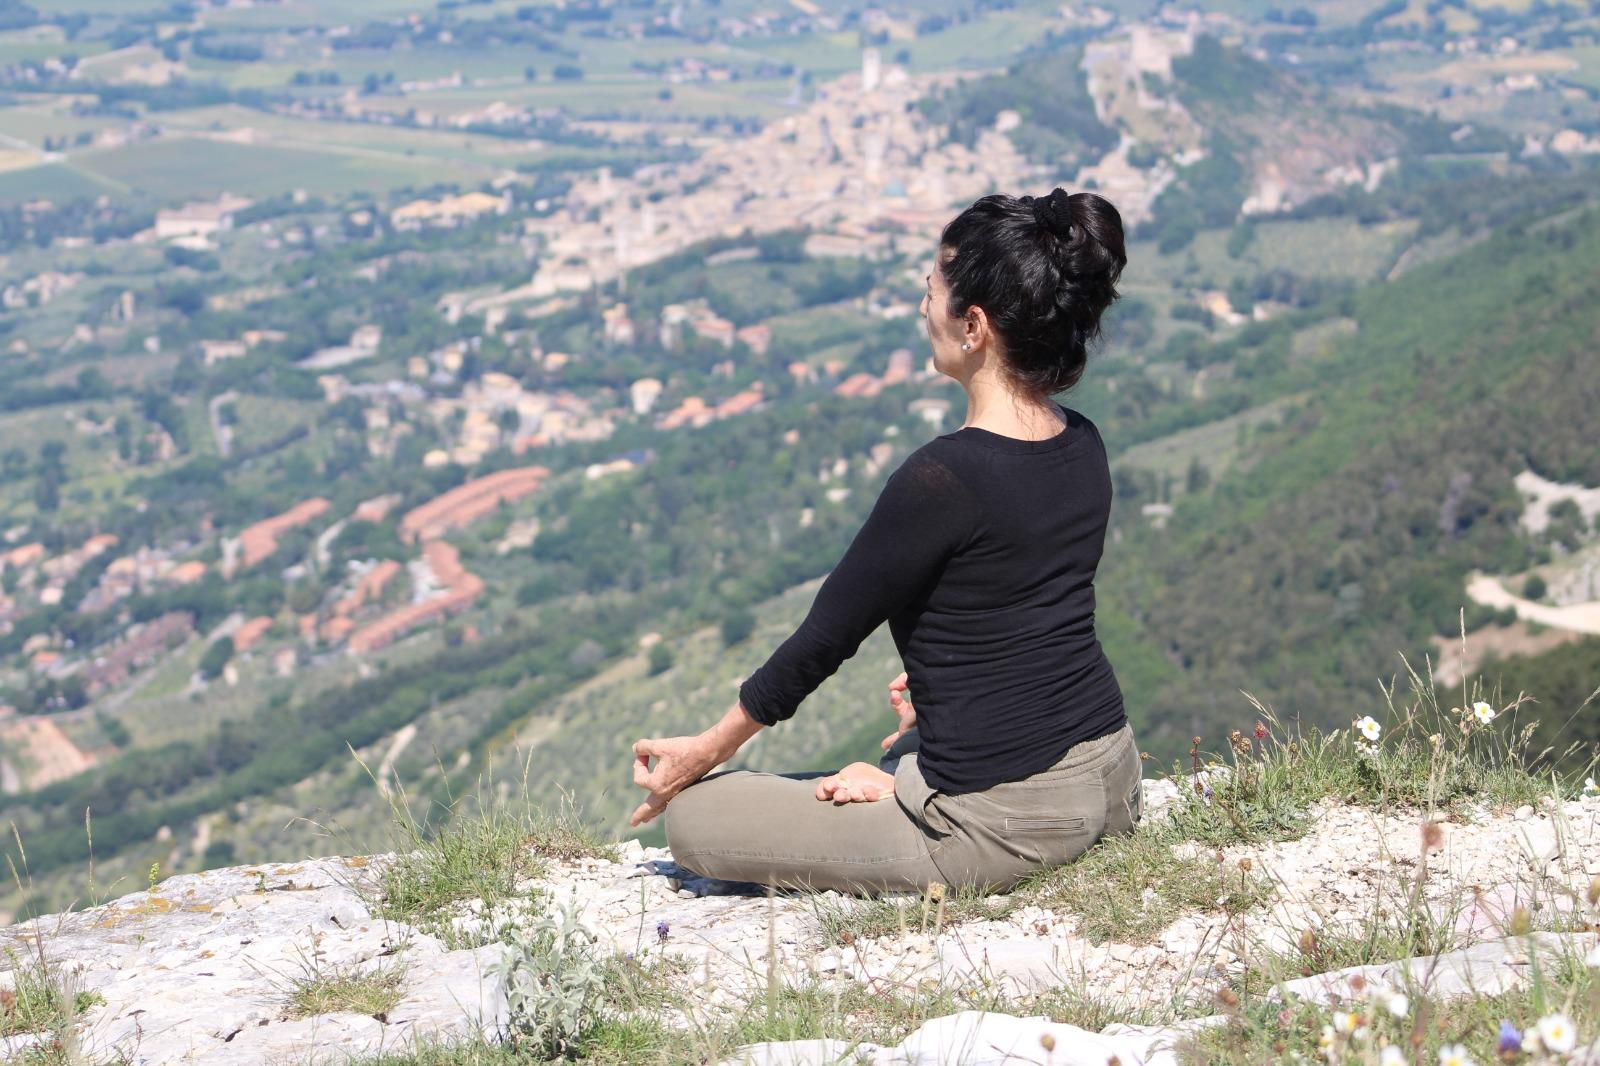 INCONTRIAMO LA MEDITAZIONE: L'ASANA